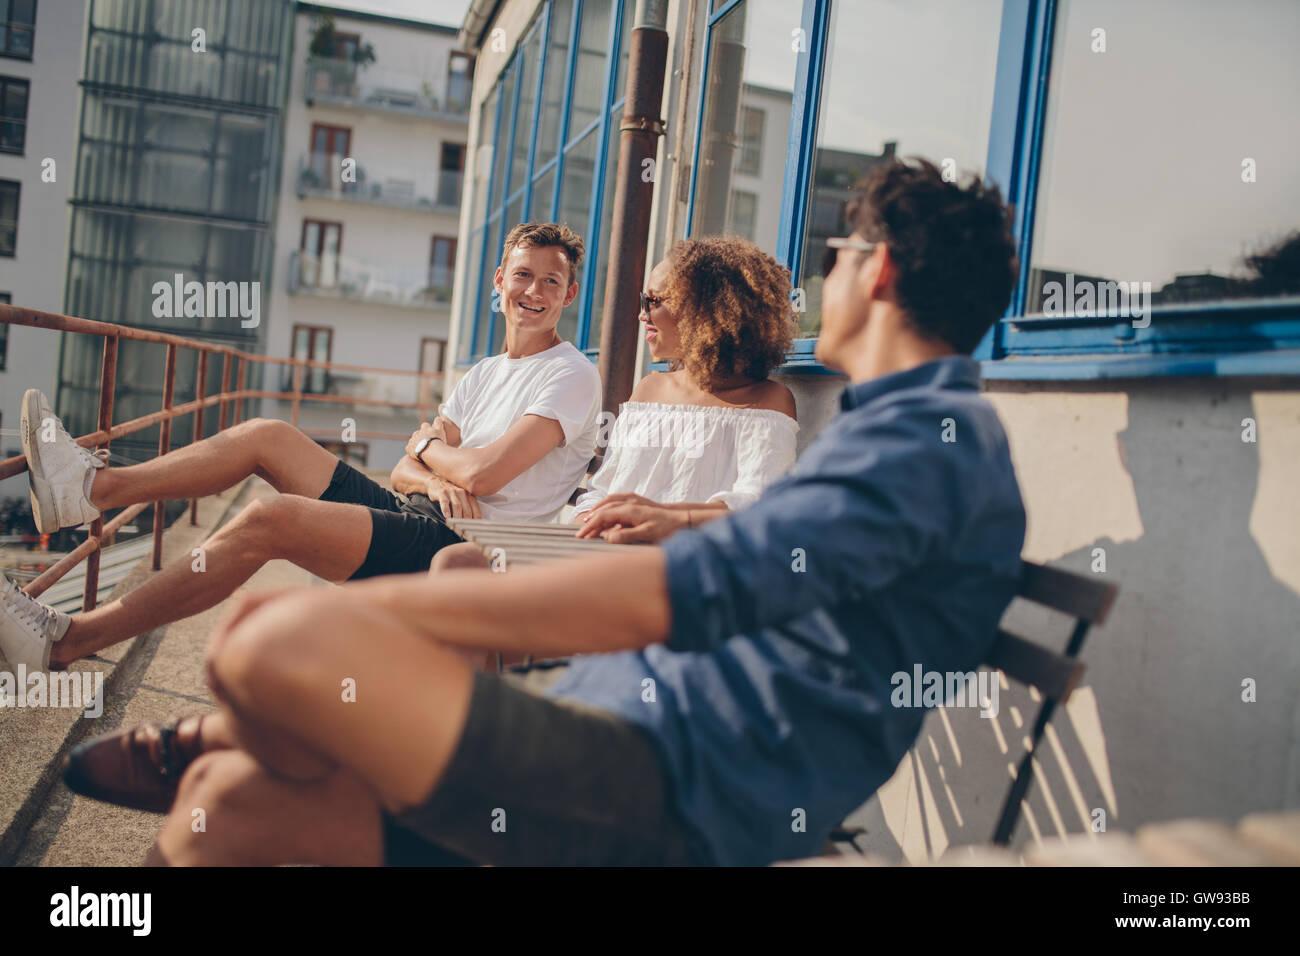 Tres jóvenes amigos en la cafetería al aire libre. Grupo multirracial de jóvenes relajarse al aire Imagen De Stock